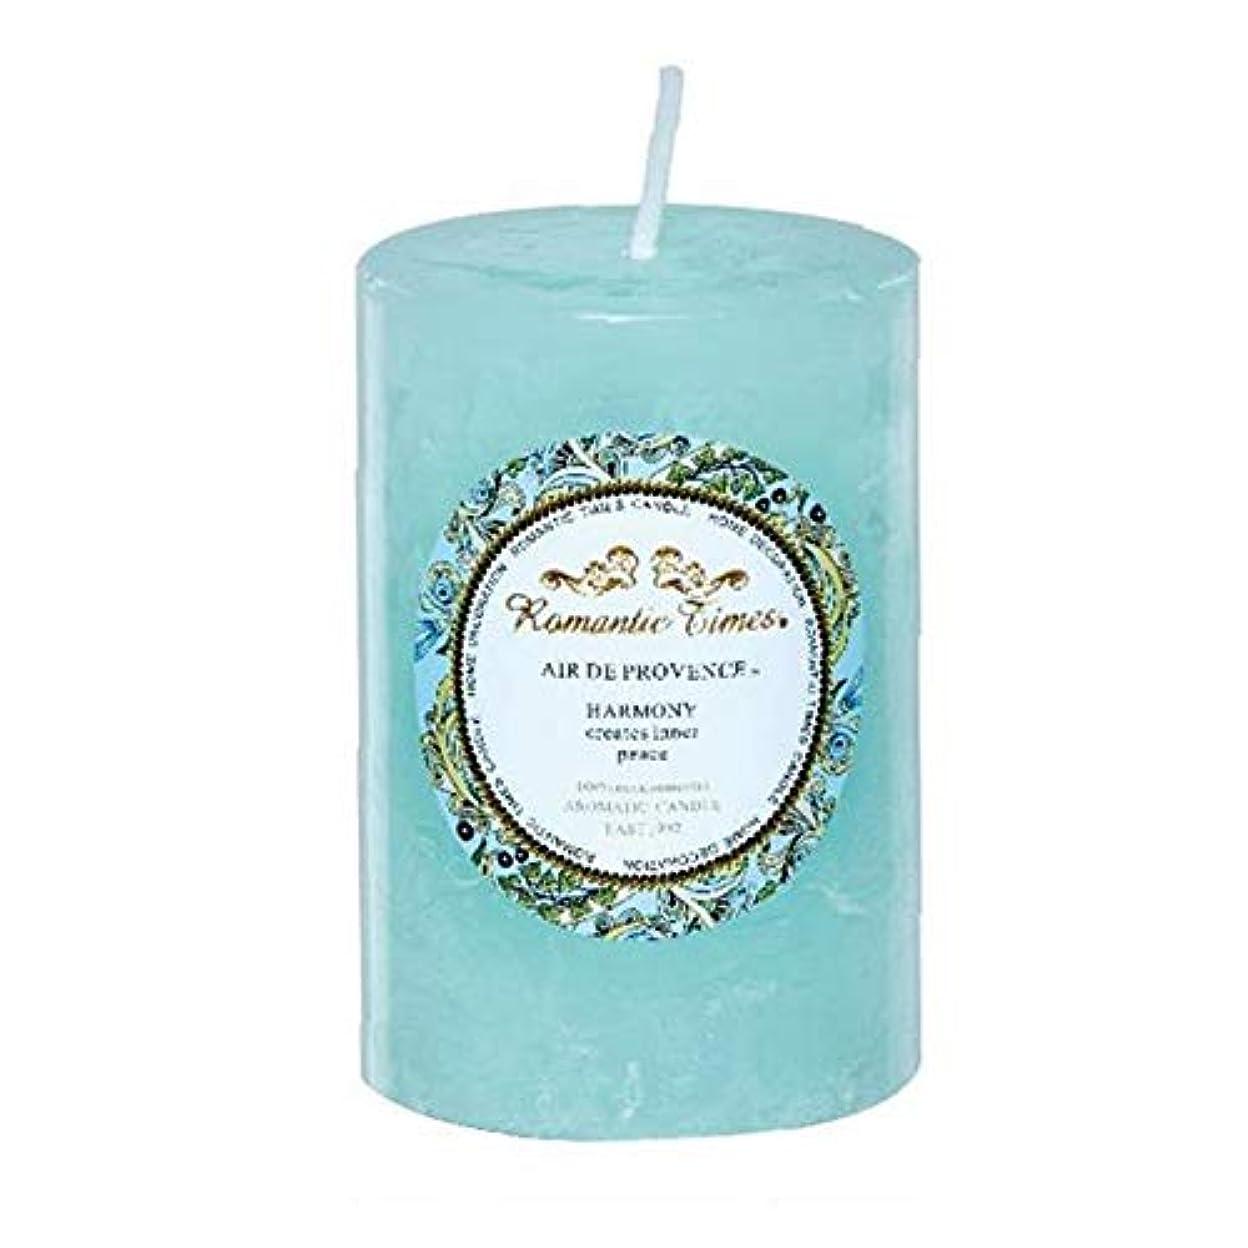 蓮風変わりな差別化するクリスマスキャンドル、家庭光のバスルームには装飾的な芳香入浴瞑想を香りの香り,M3